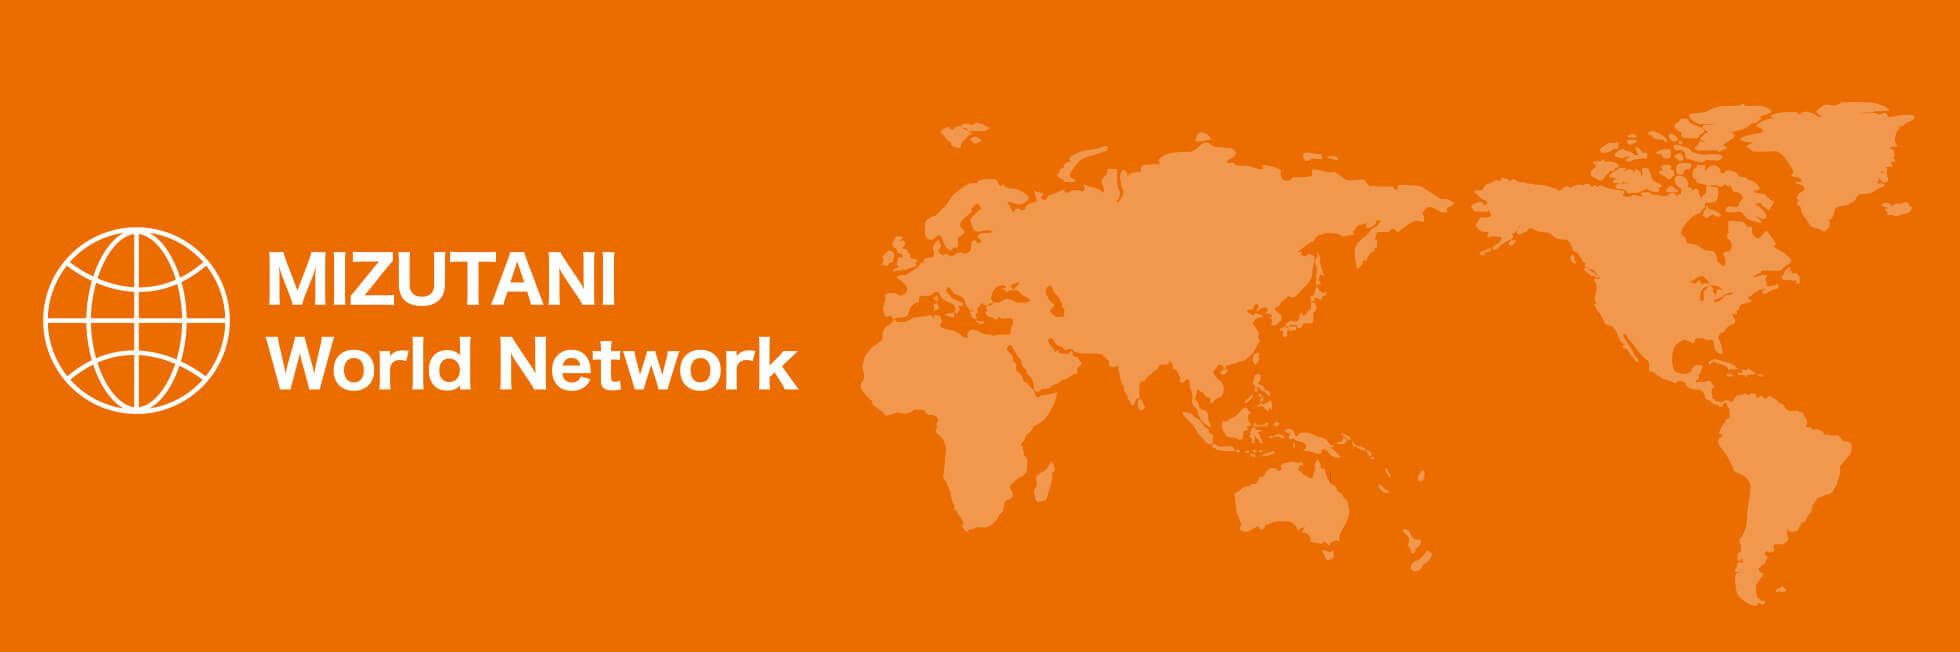 MIZUTANI World Network